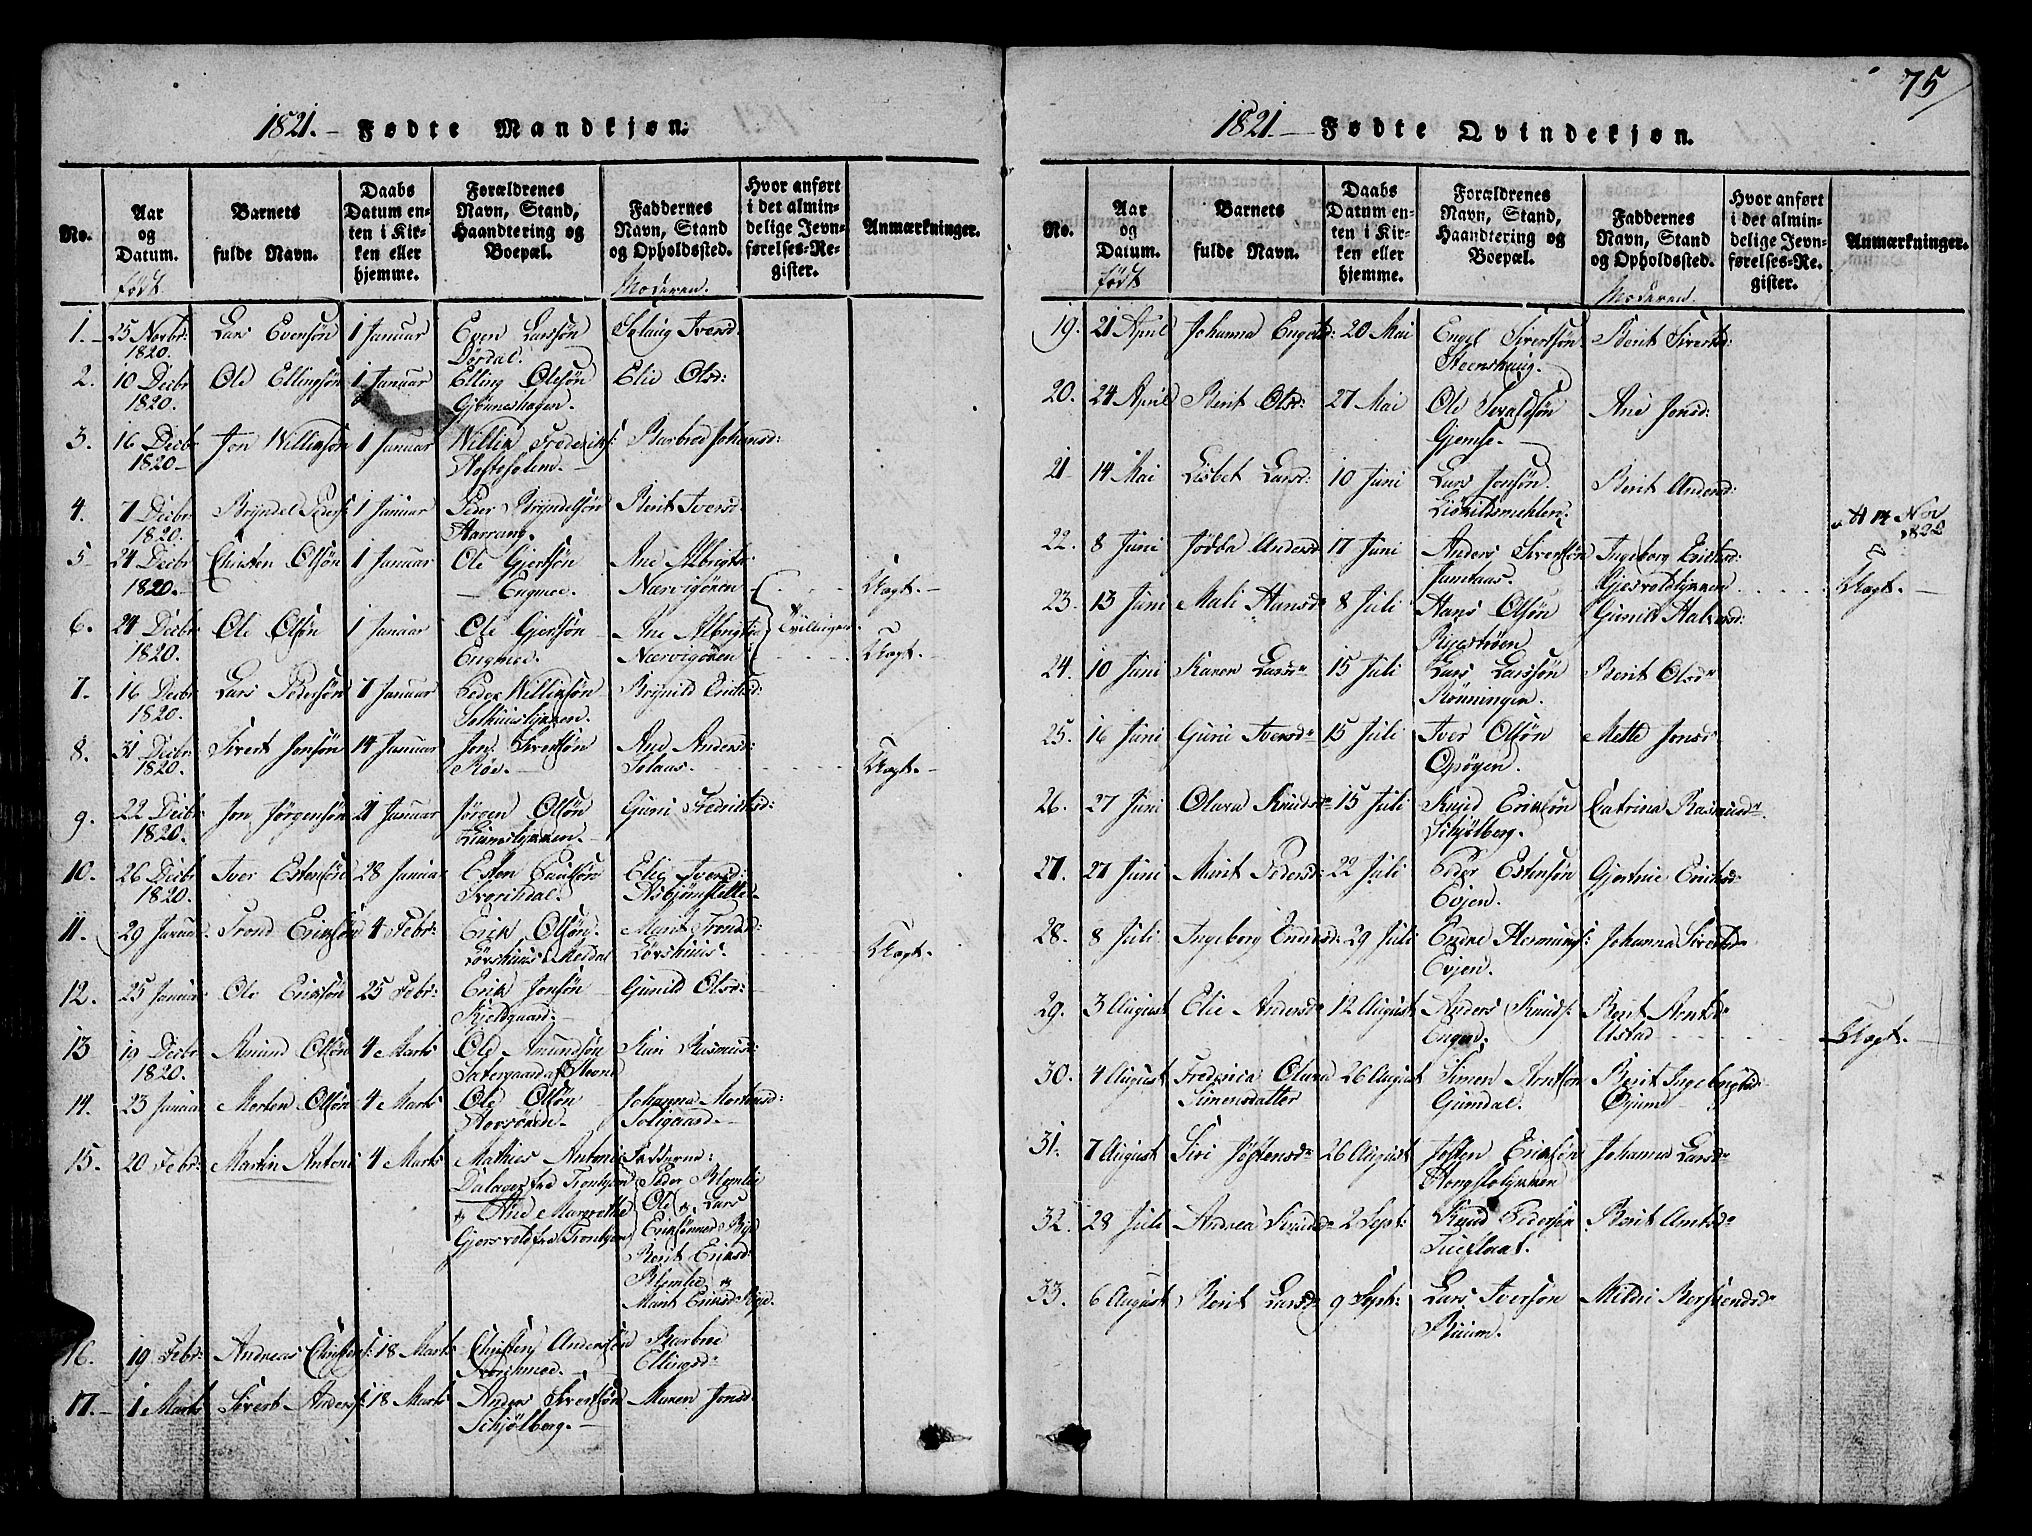 SAT, Ministerialprotokoller, klokkerbøker og fødselsregistre - Sør-Trøndelag, 668/L0803: Ministerialbok nr. 668A03, 1800-1826, s. 75